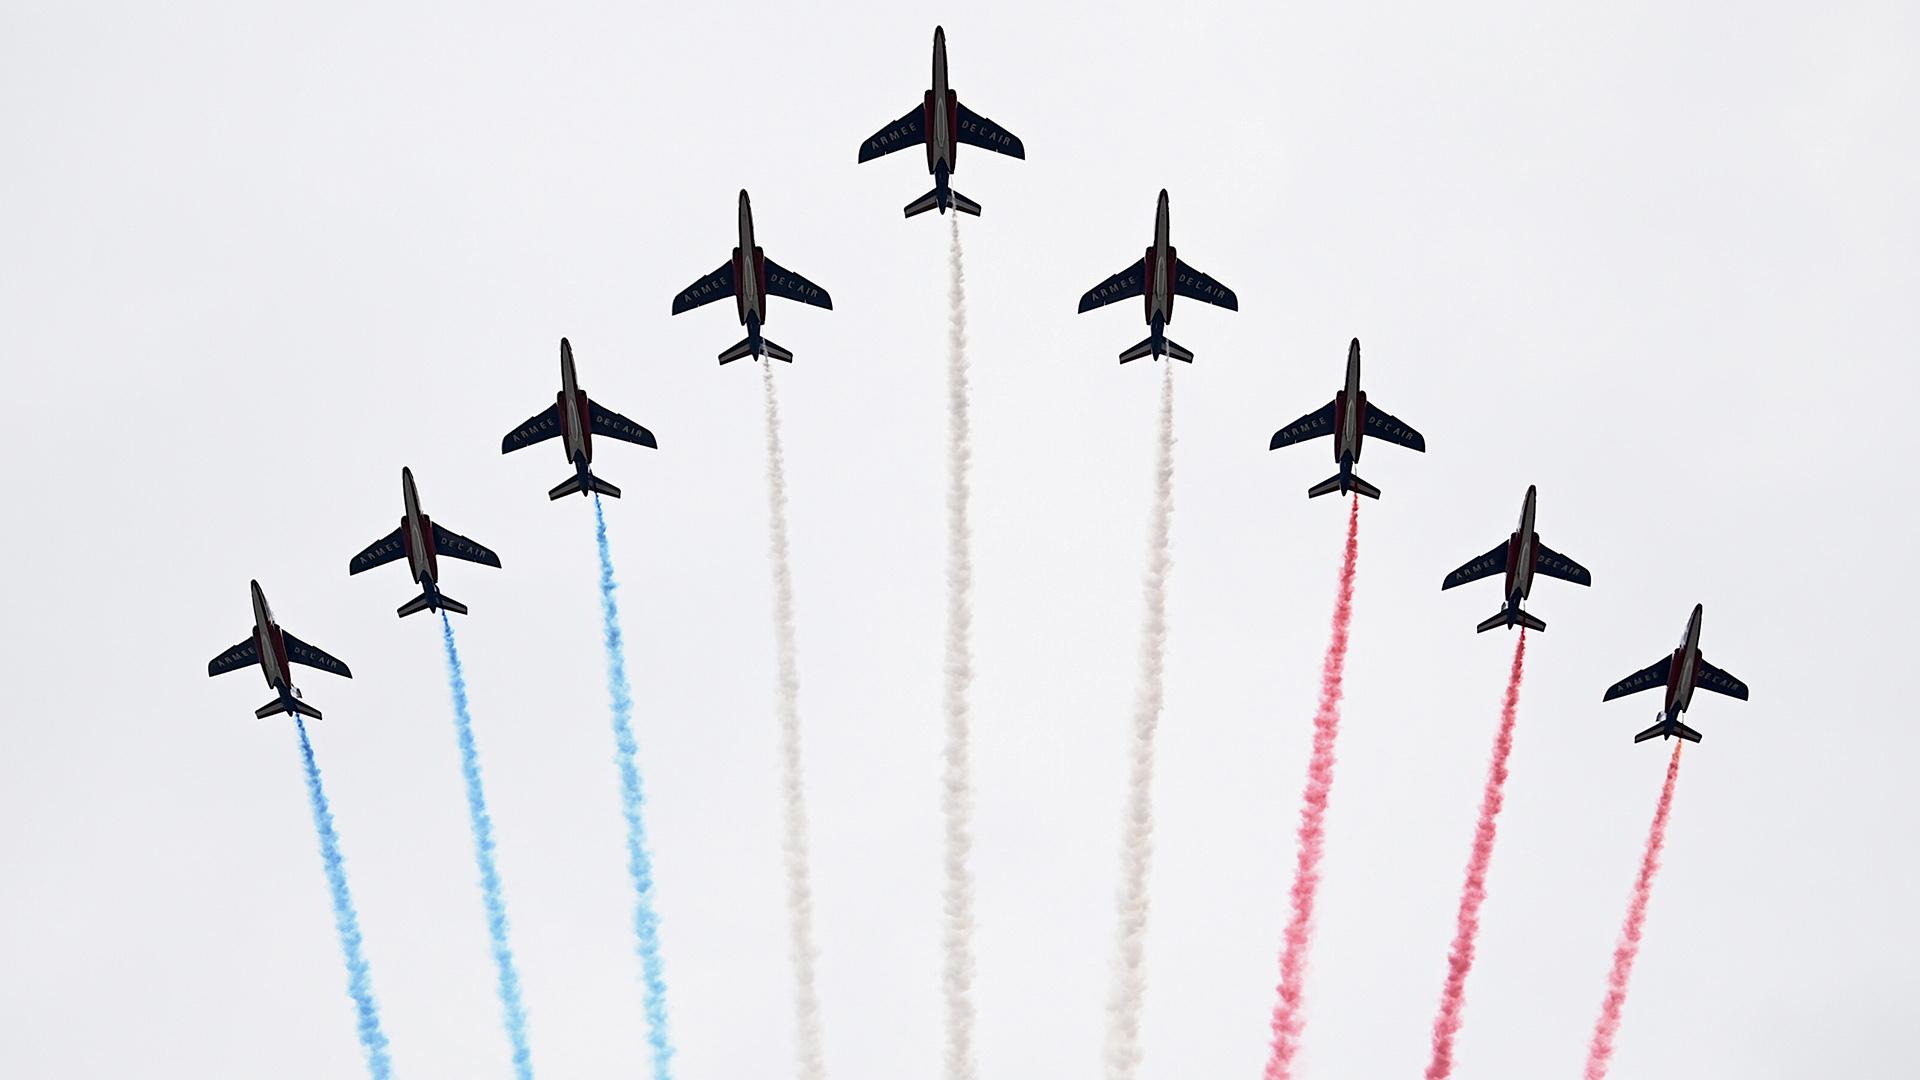 El escuadrón acrobático Patrouille de France